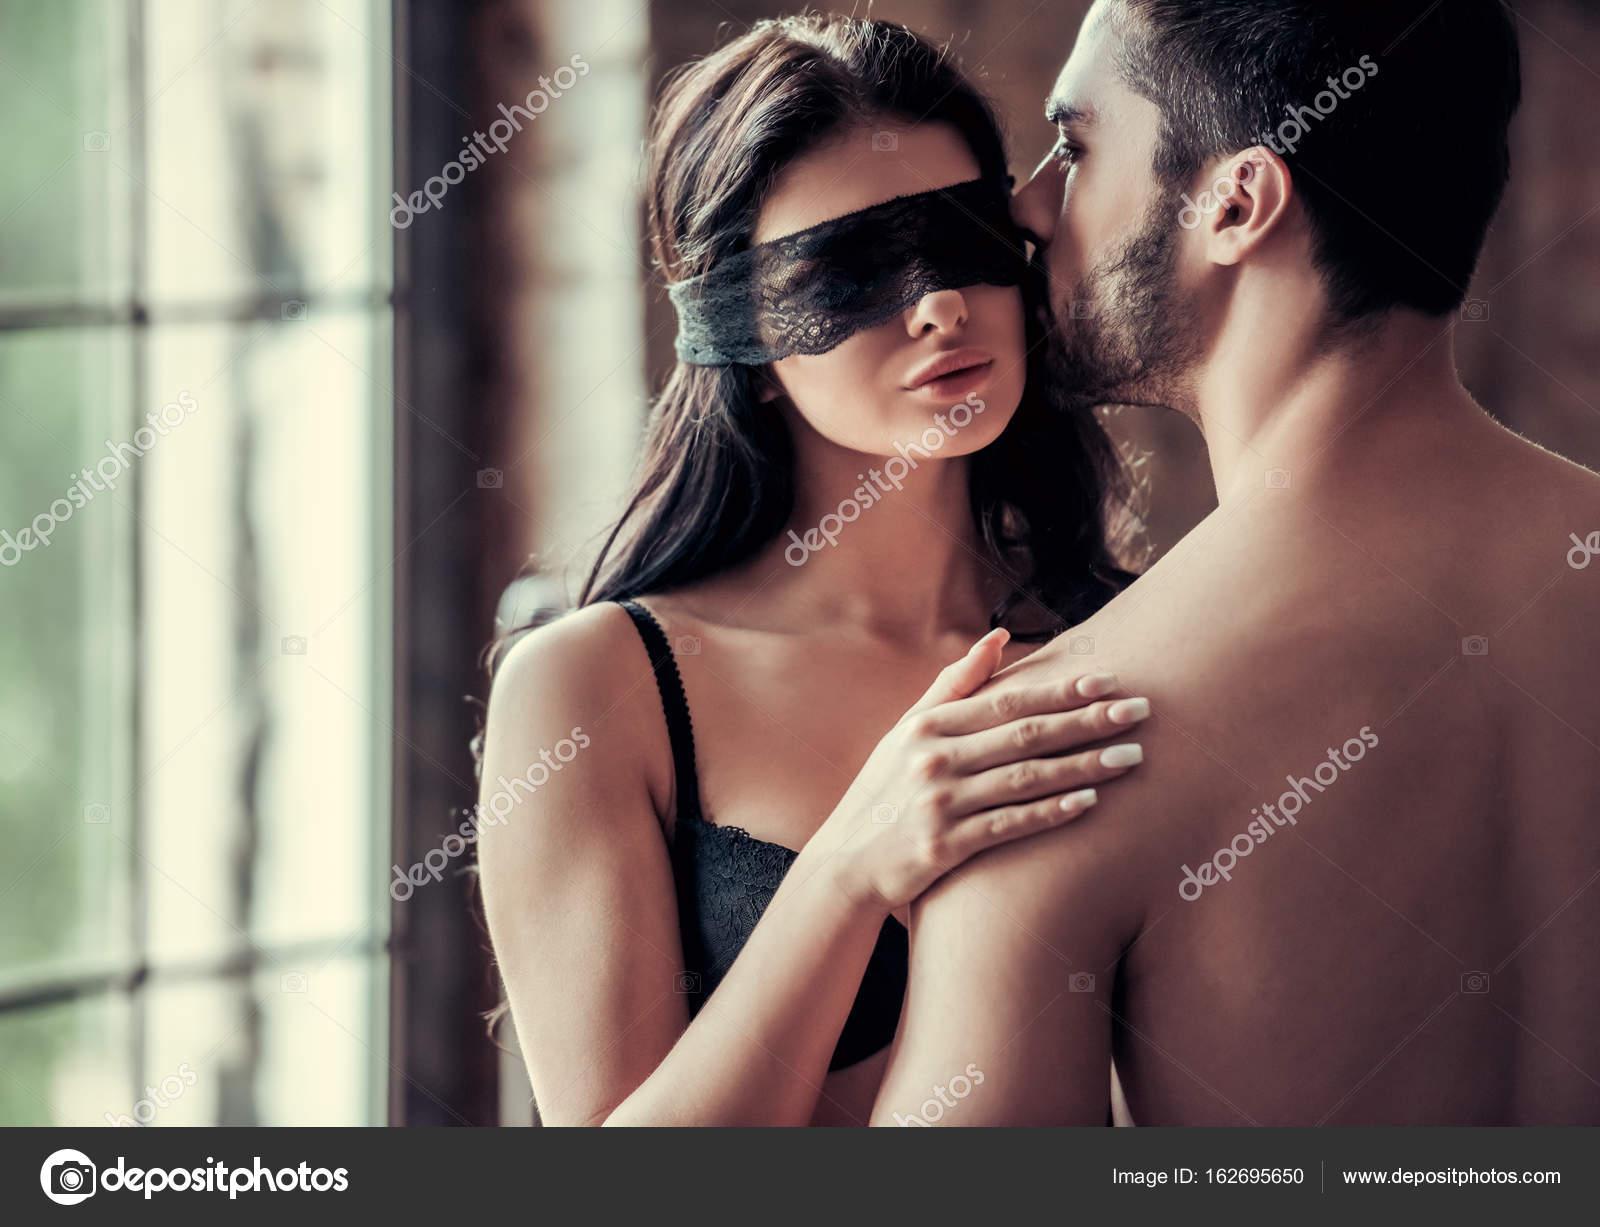 Девушка часто занимающаяся сексом